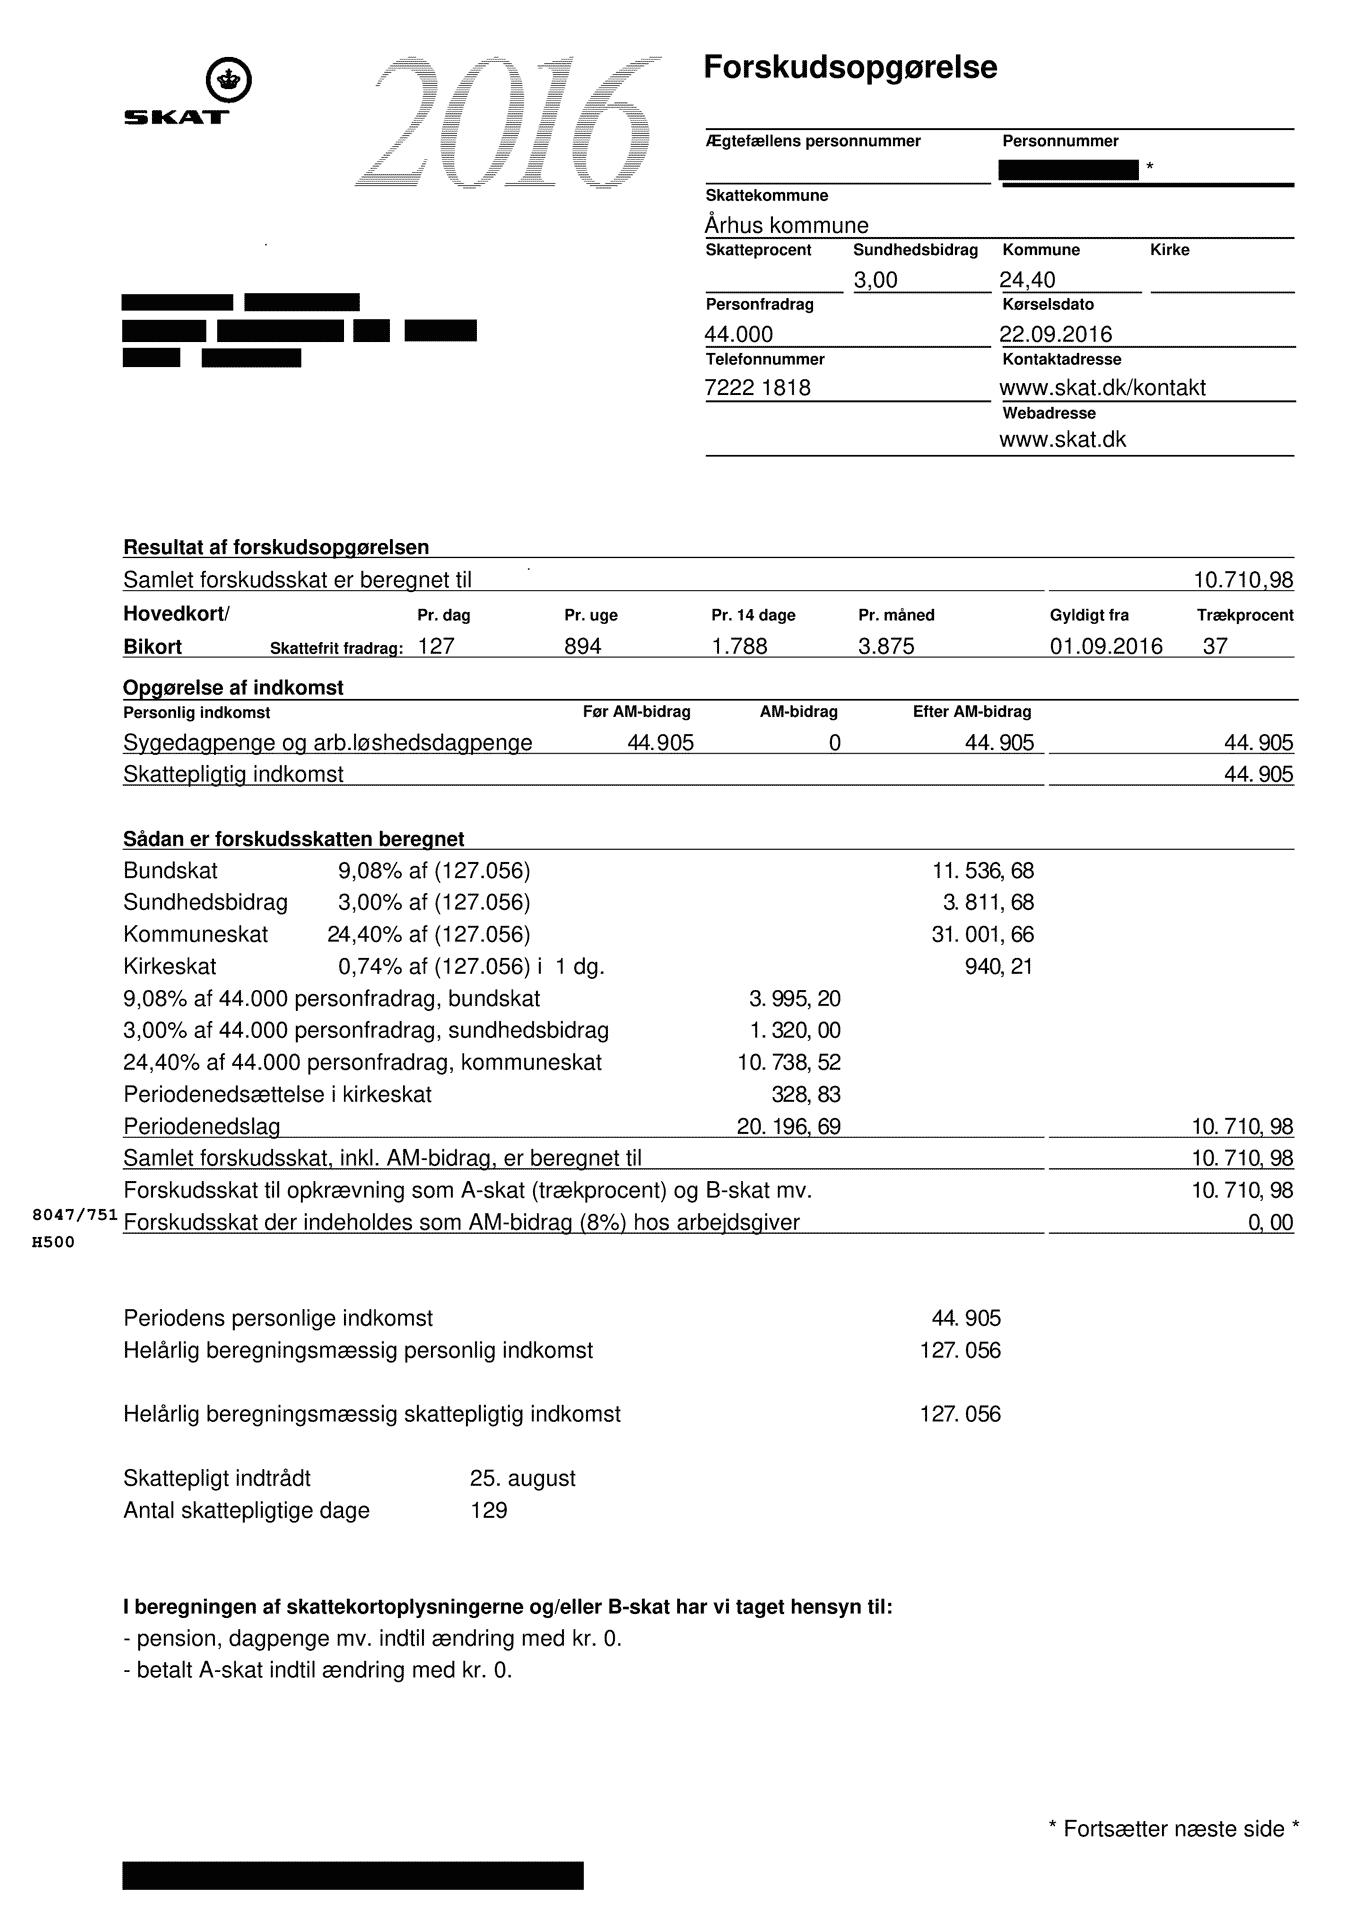 Вот так выглядела моя налоговая форма в прошлом году